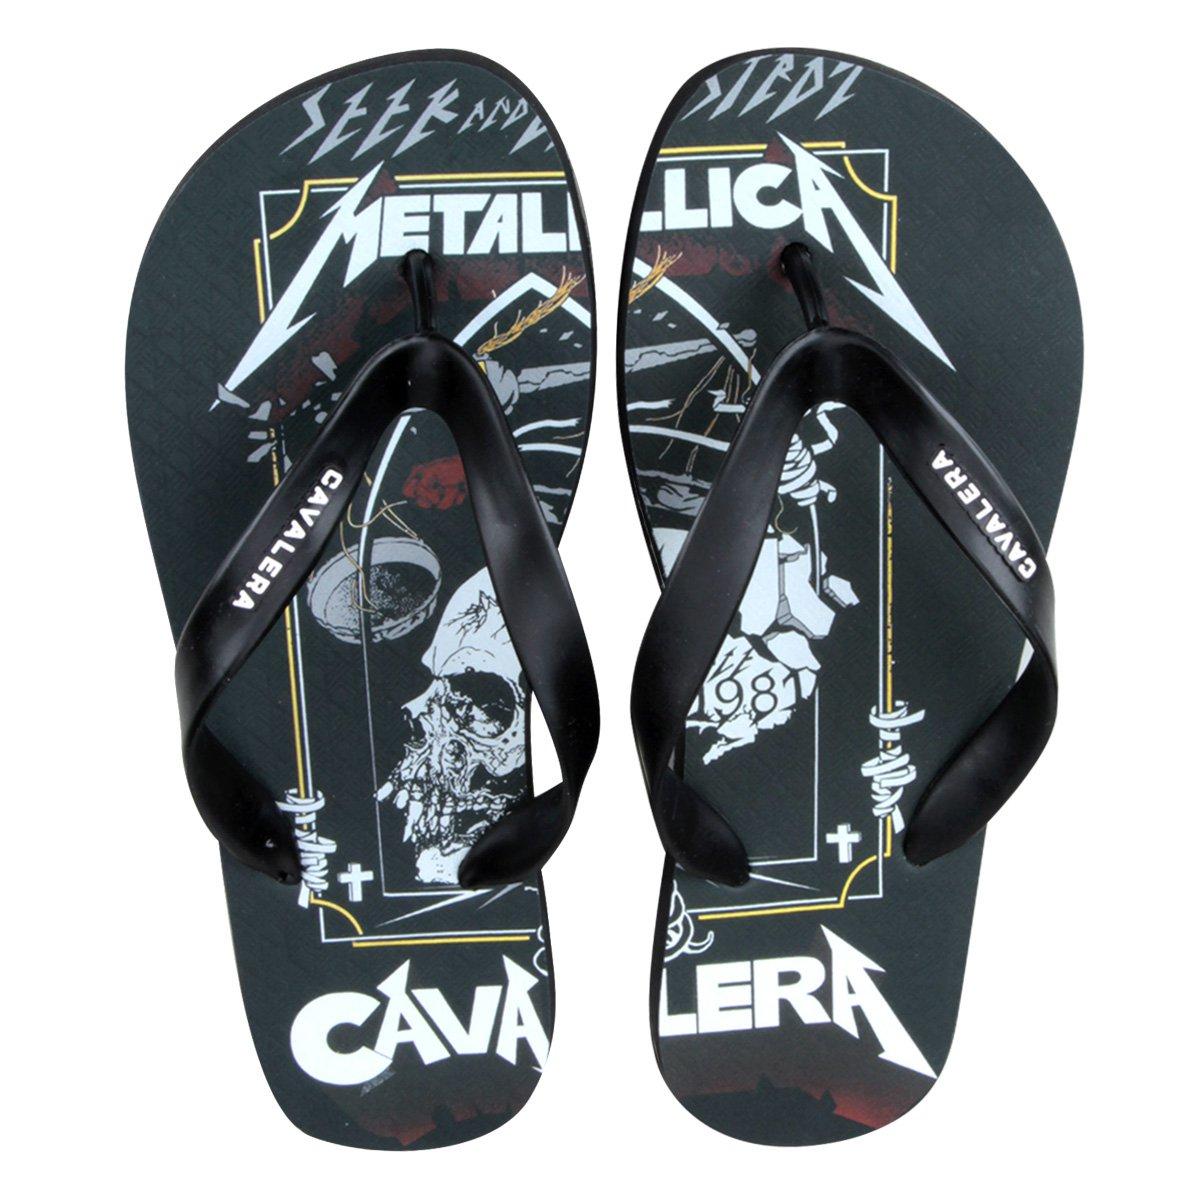 Chinelo Chinelo Preto Metallica Cavalera Preto Metallica Masculino Masculino Cavalera wI8rISqZ